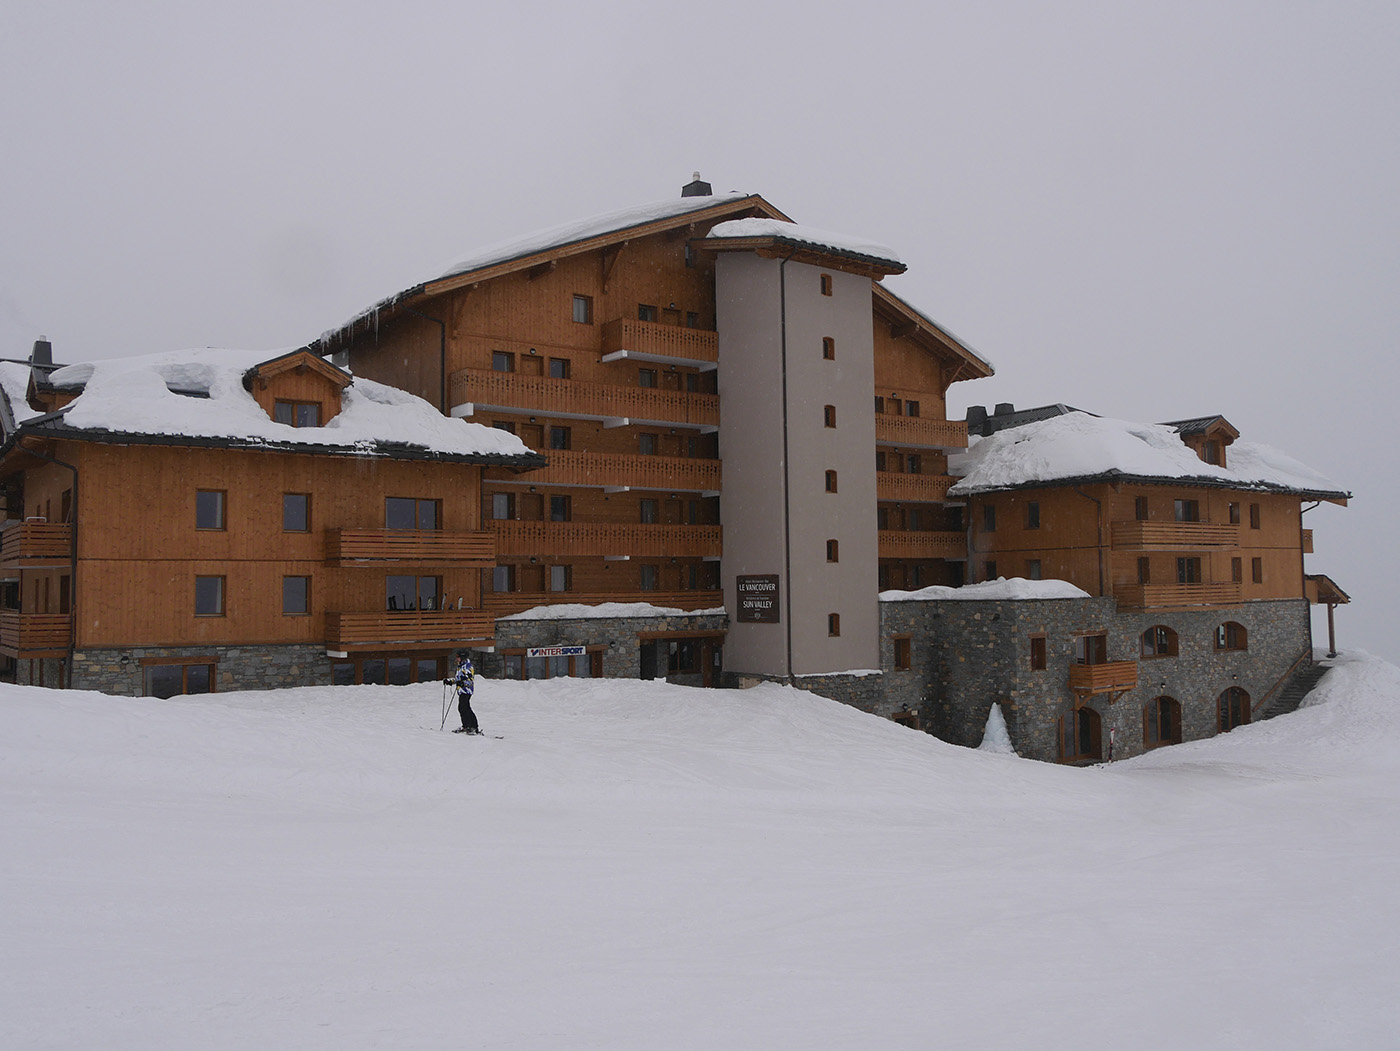 Hotel Le Vancouver à La Plagne Soleil lors d'une journée de tempête de neige sur les pistes de ski